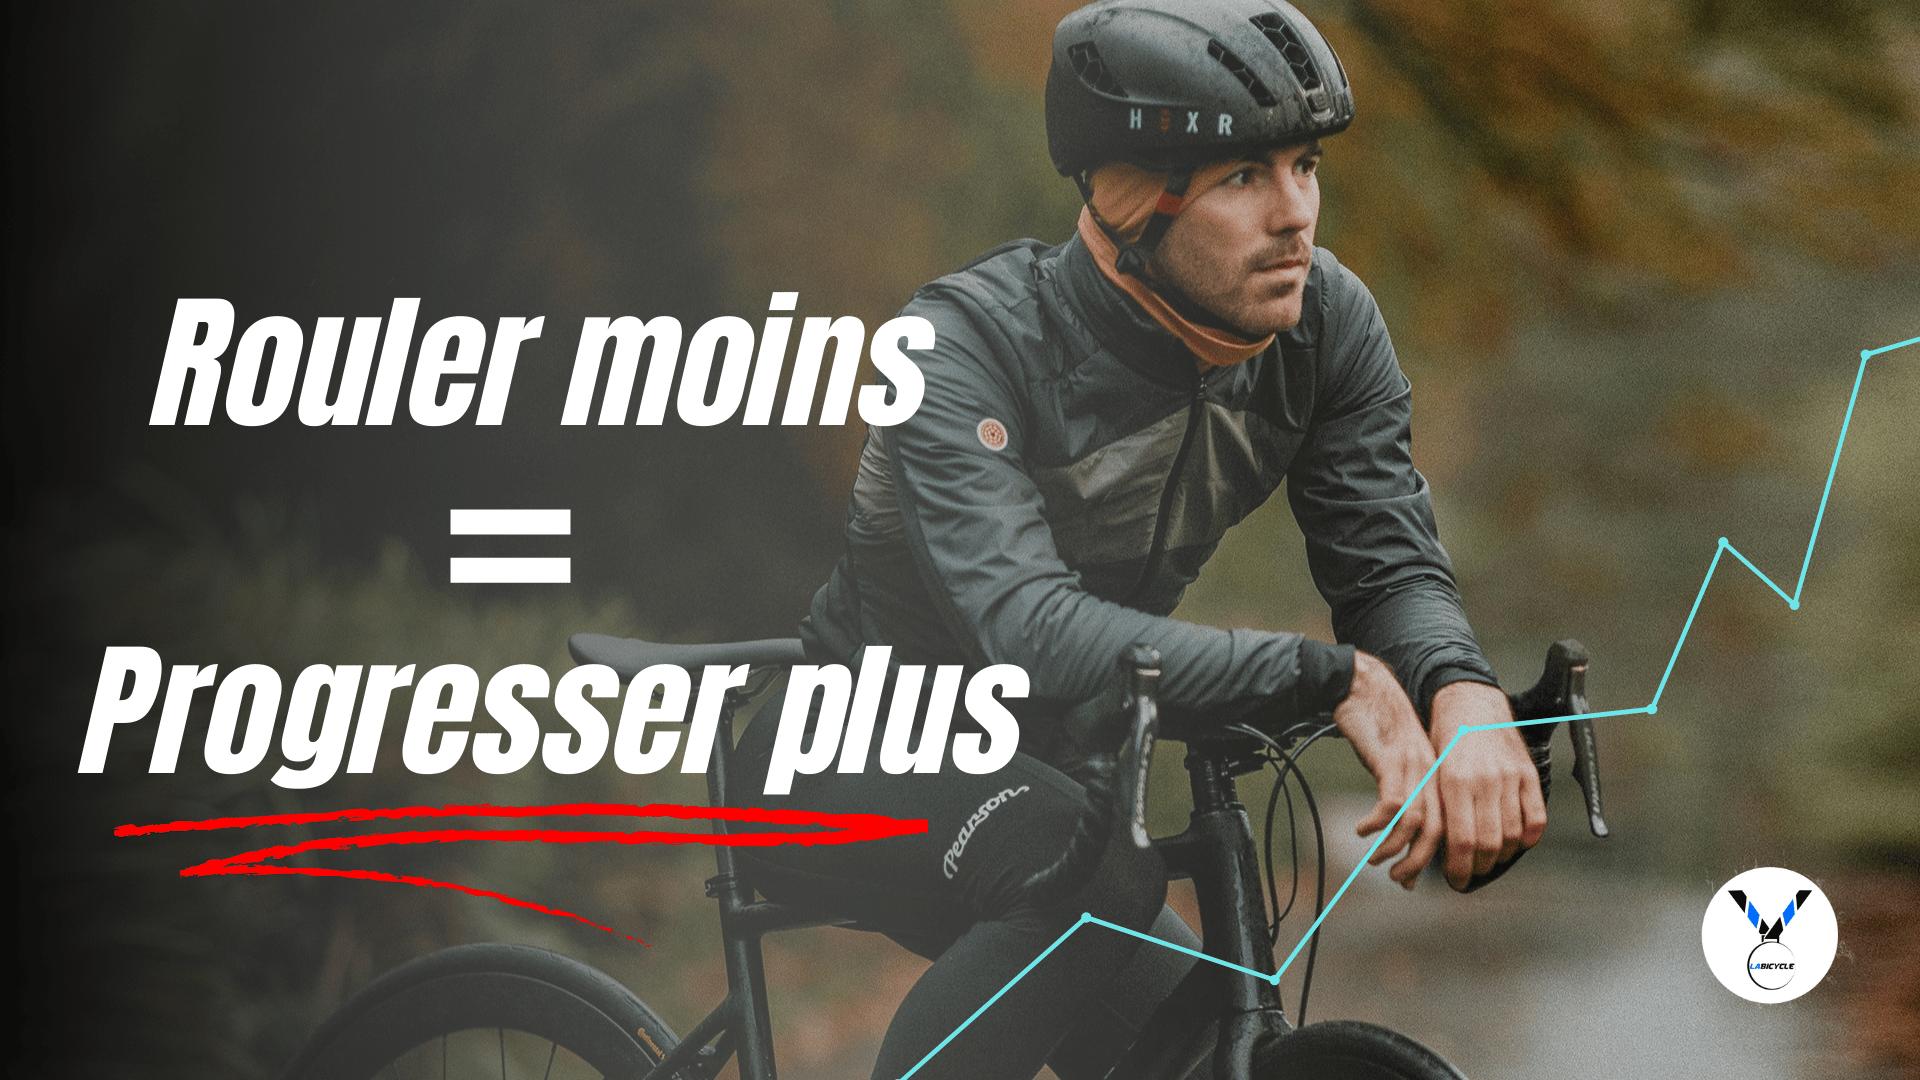 Rouler moins et progresser grâce à un coach cycliste : le point